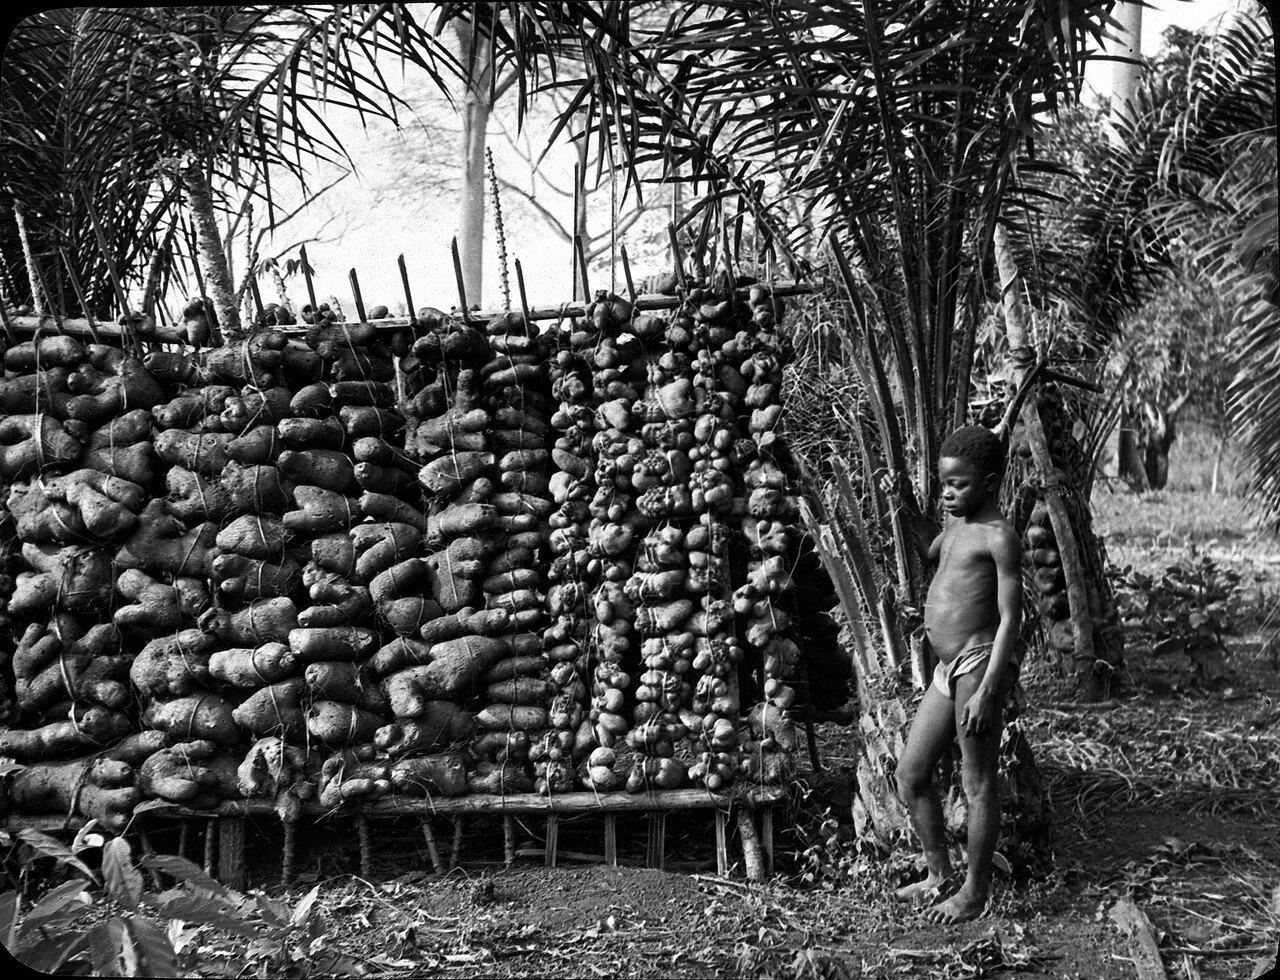 Берег Слоновой Кости. Ассинзе. Собранный ямс. Мальчик рядом с пальмой